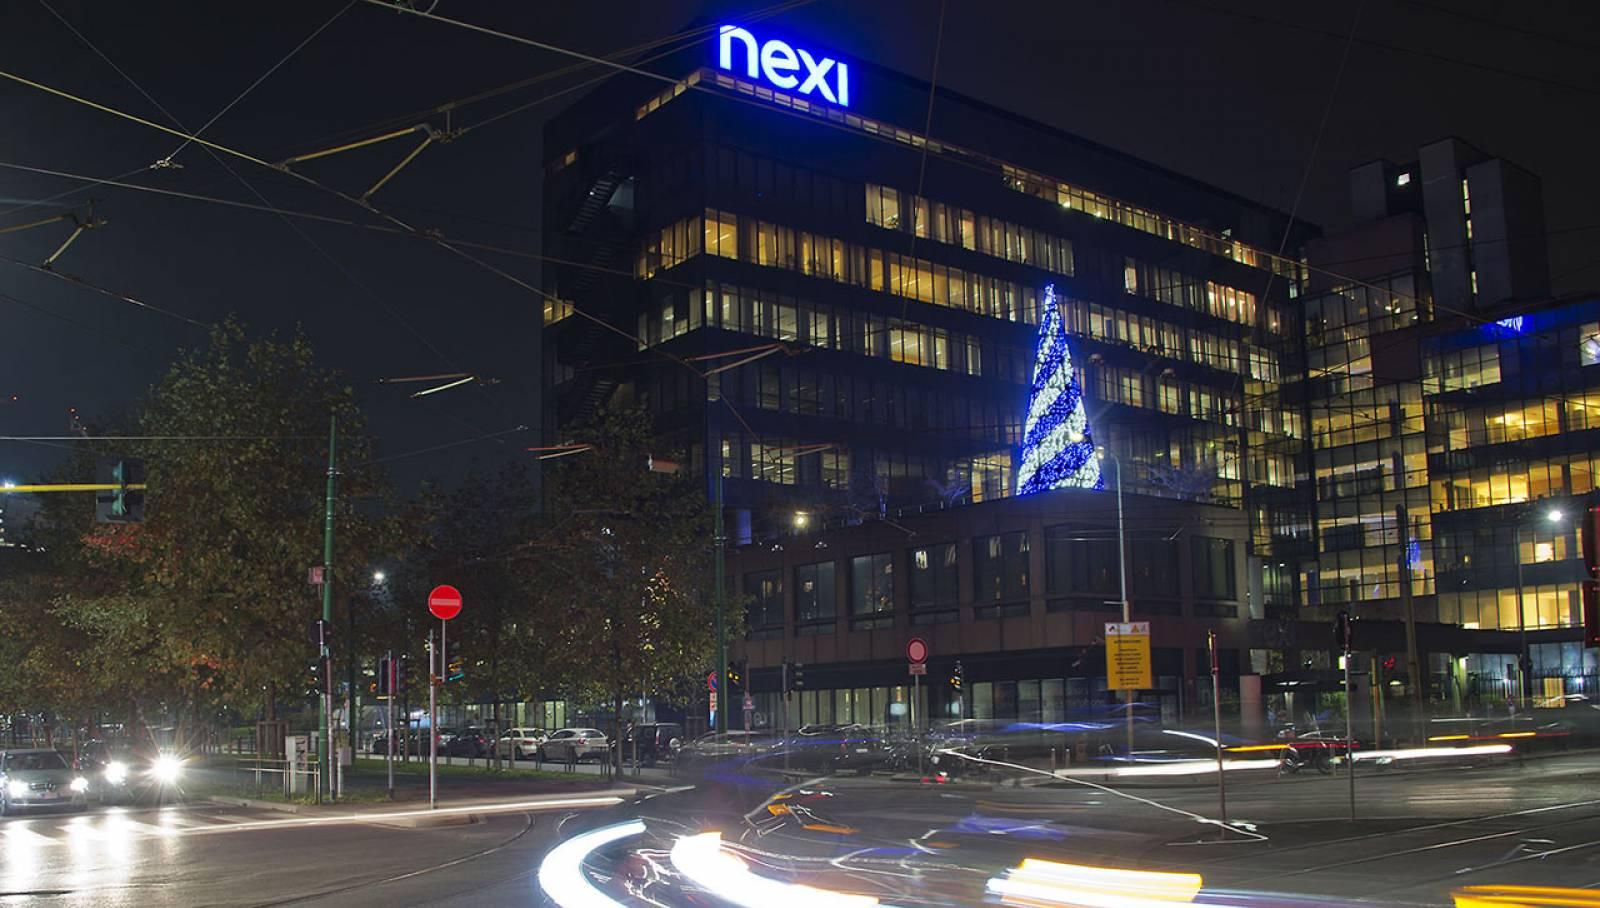 Natale a Milano IGPDecaux illuminazione per Nexi